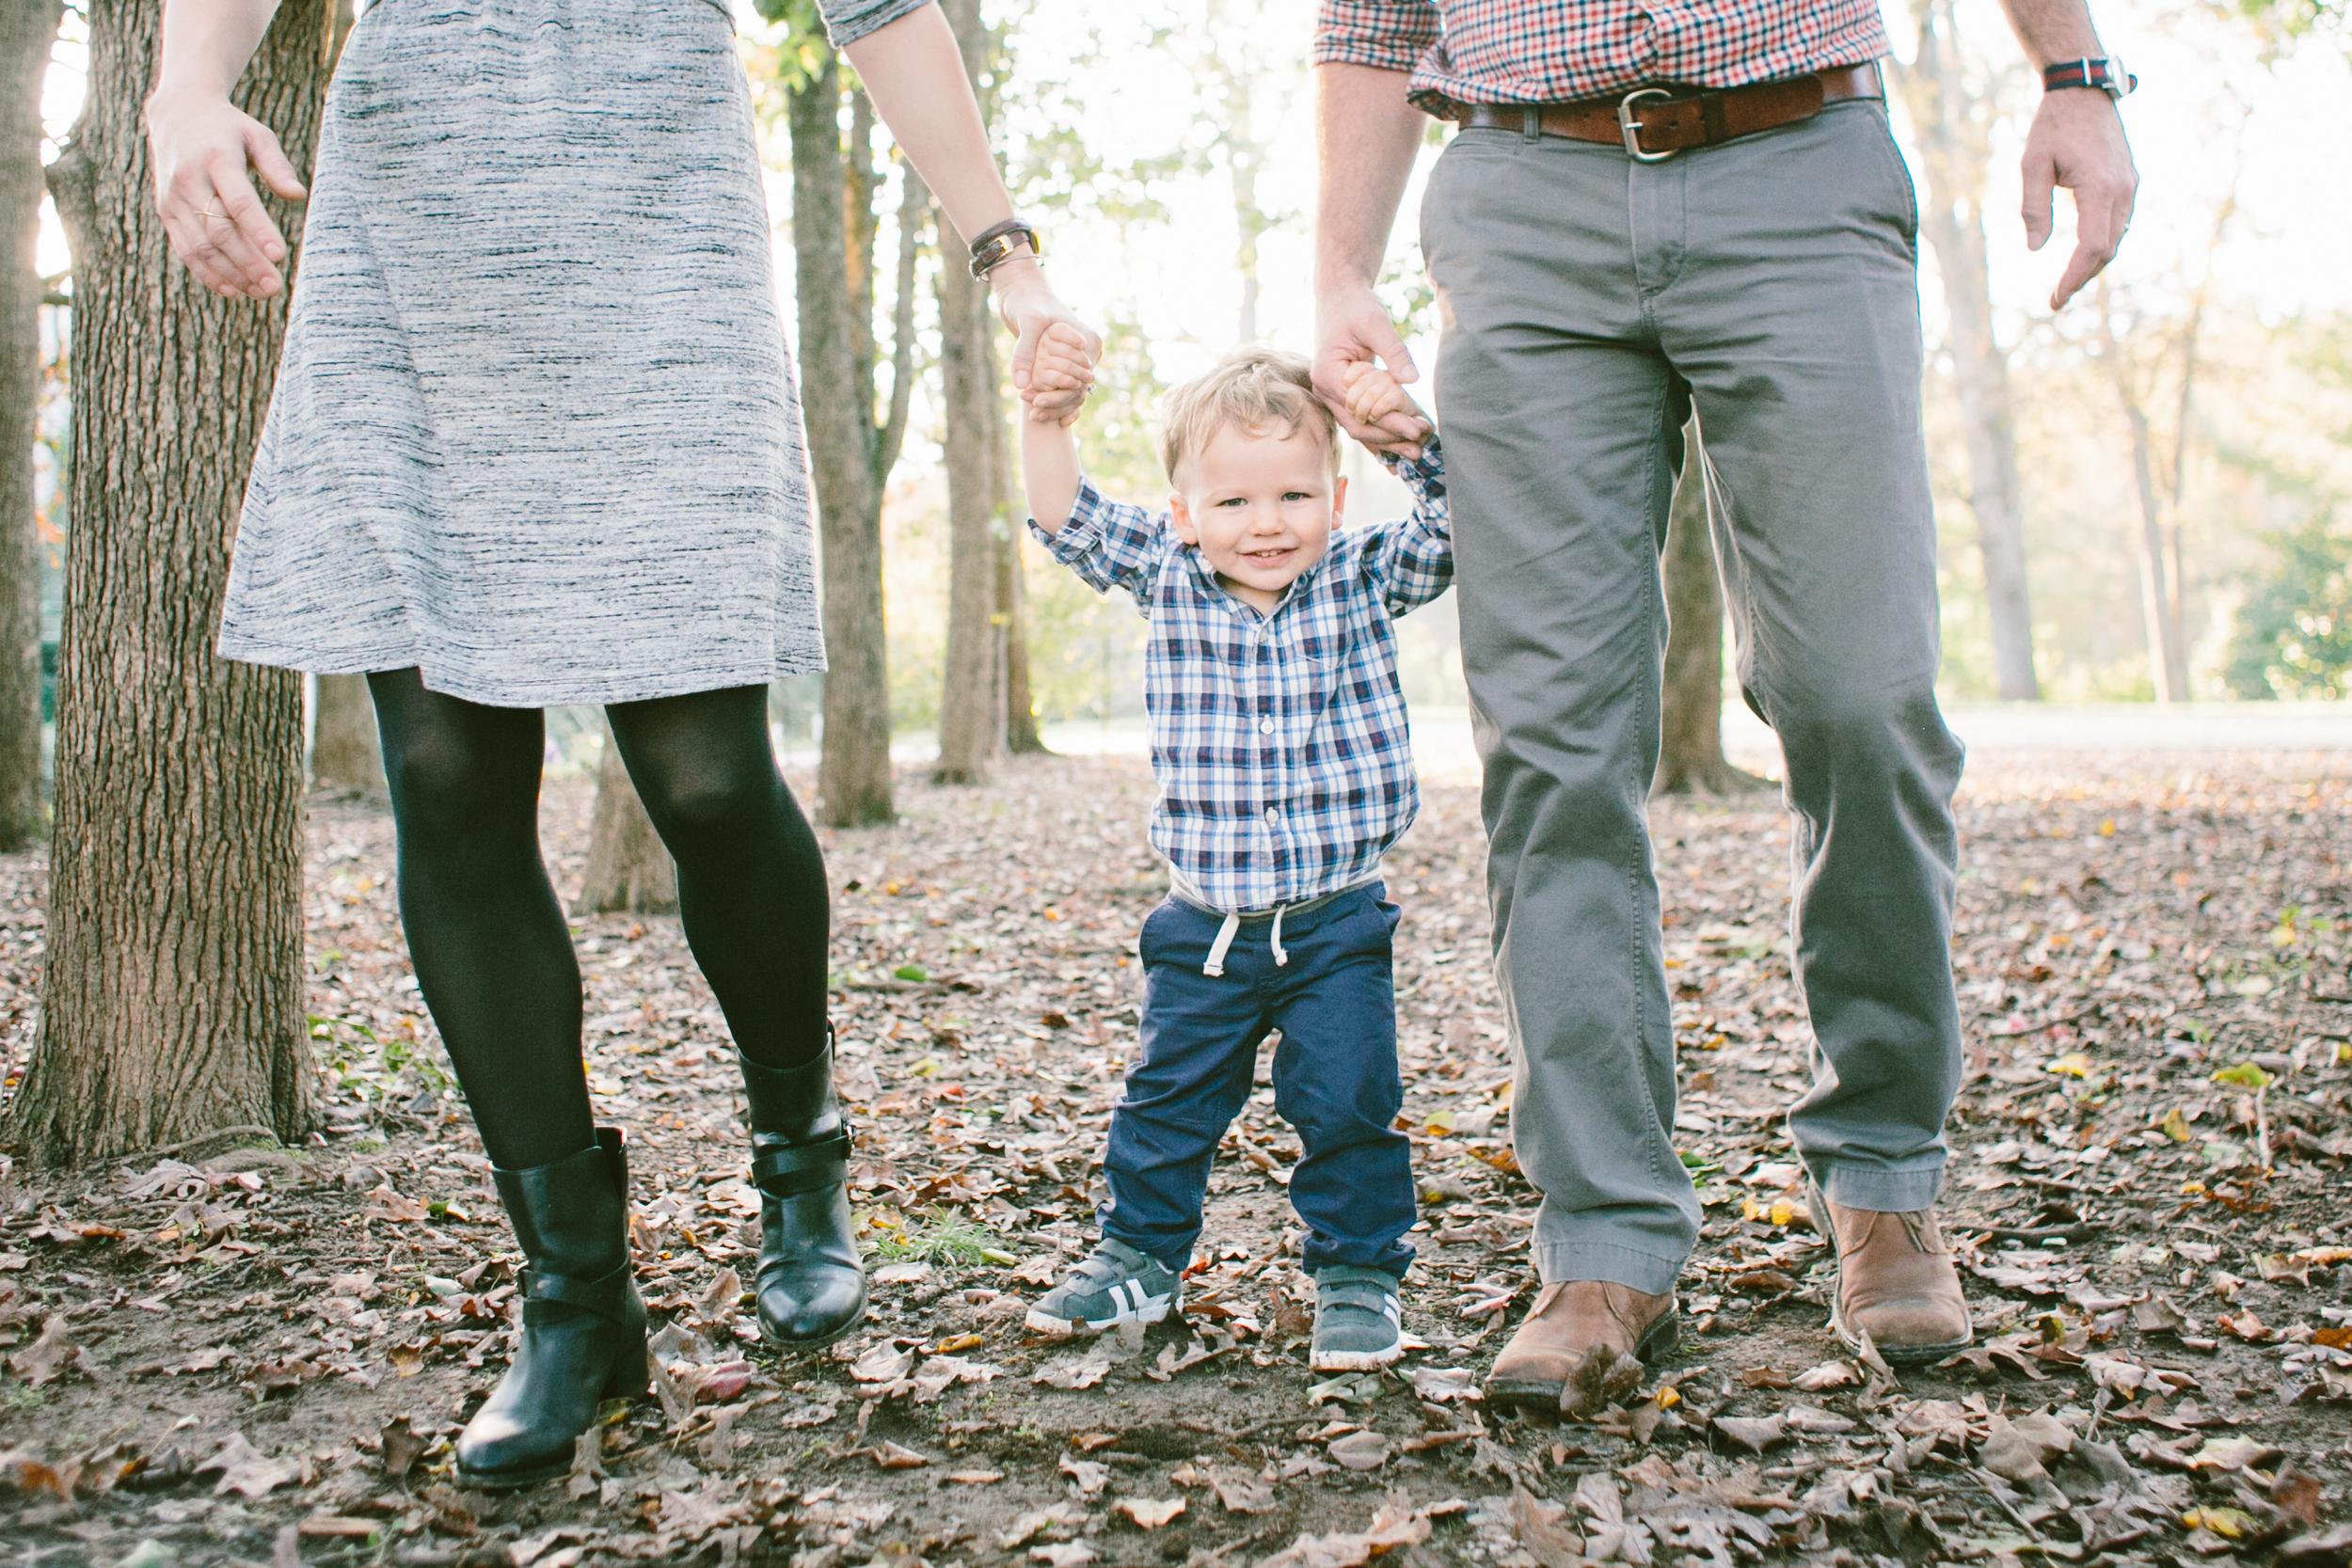 The_Bier_Family68.jpg